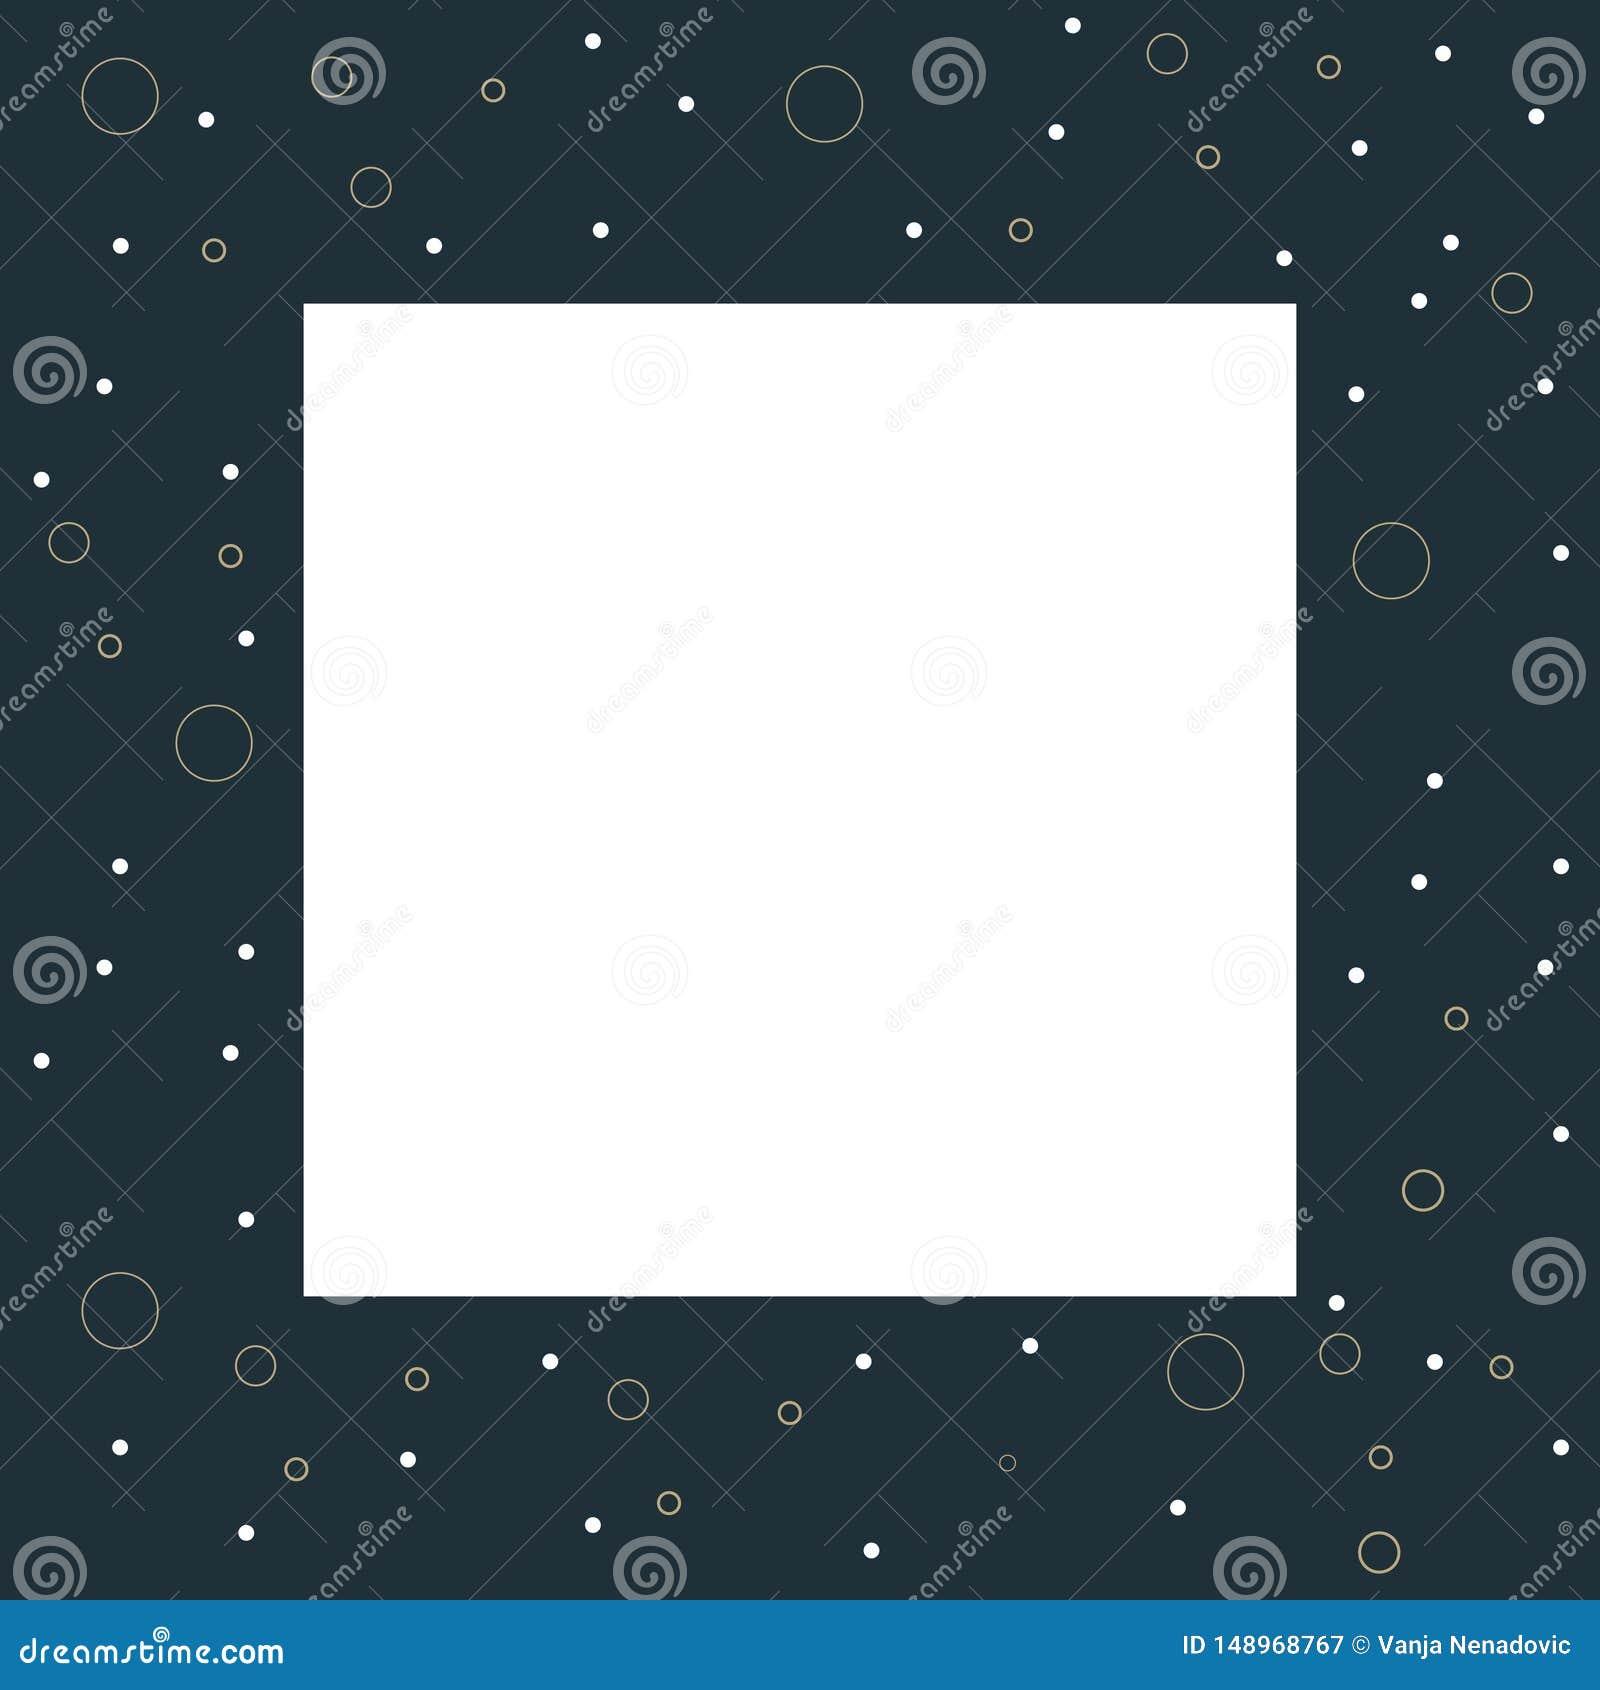 Struttura astratta della foto con il fondo del modello del cerchio, illustrazione del grafico di vettore